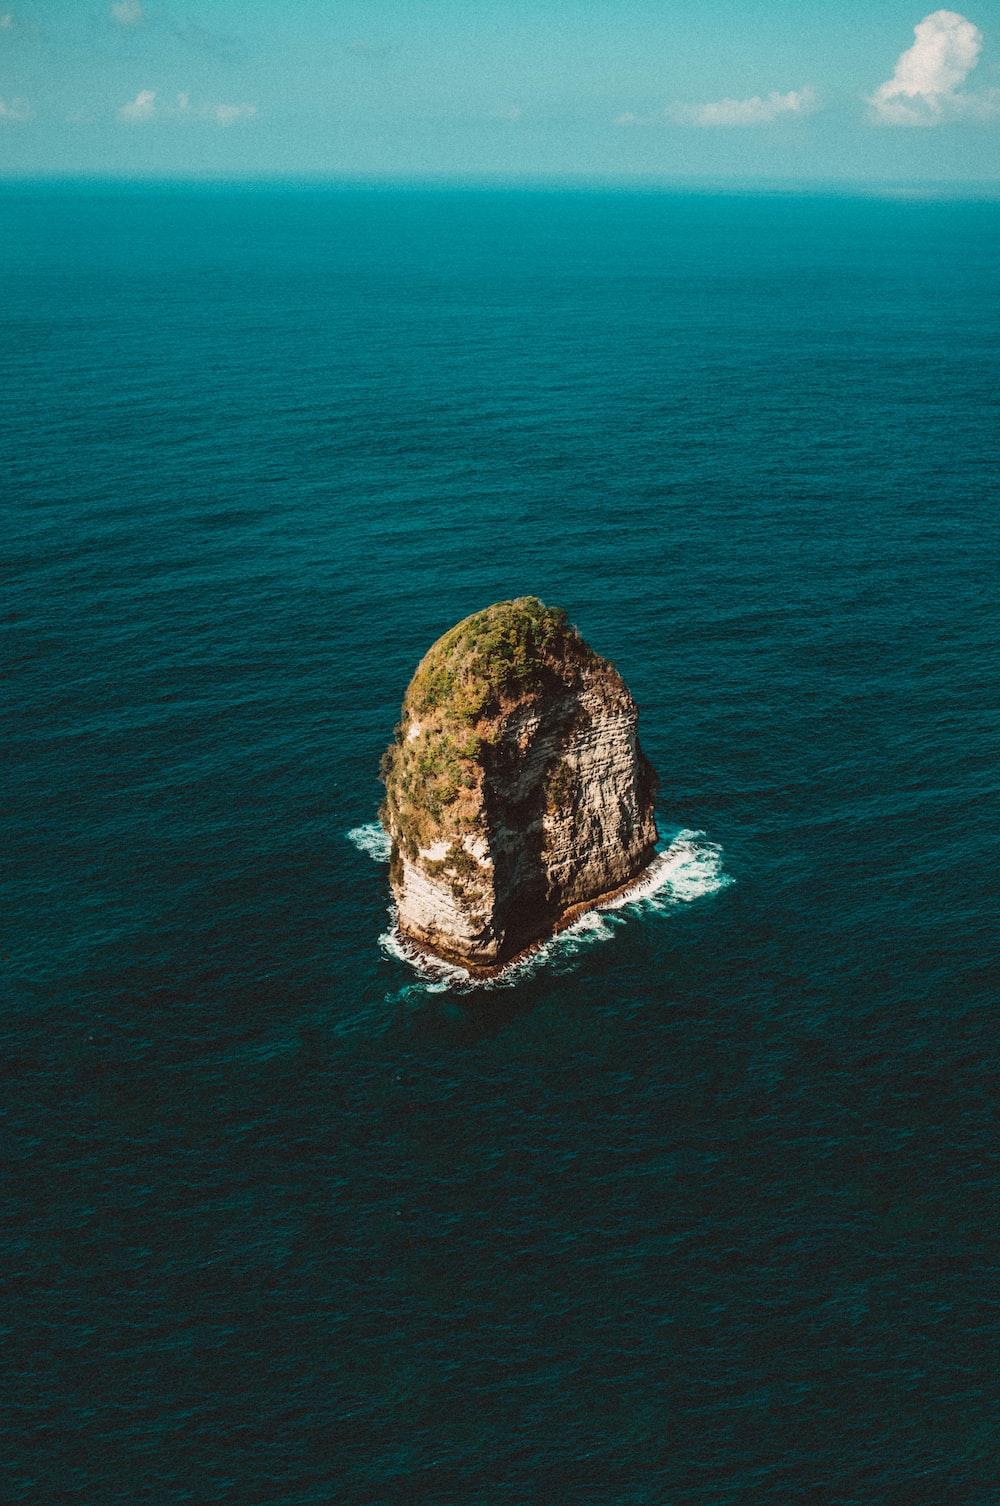 gray coastal stack during daytime